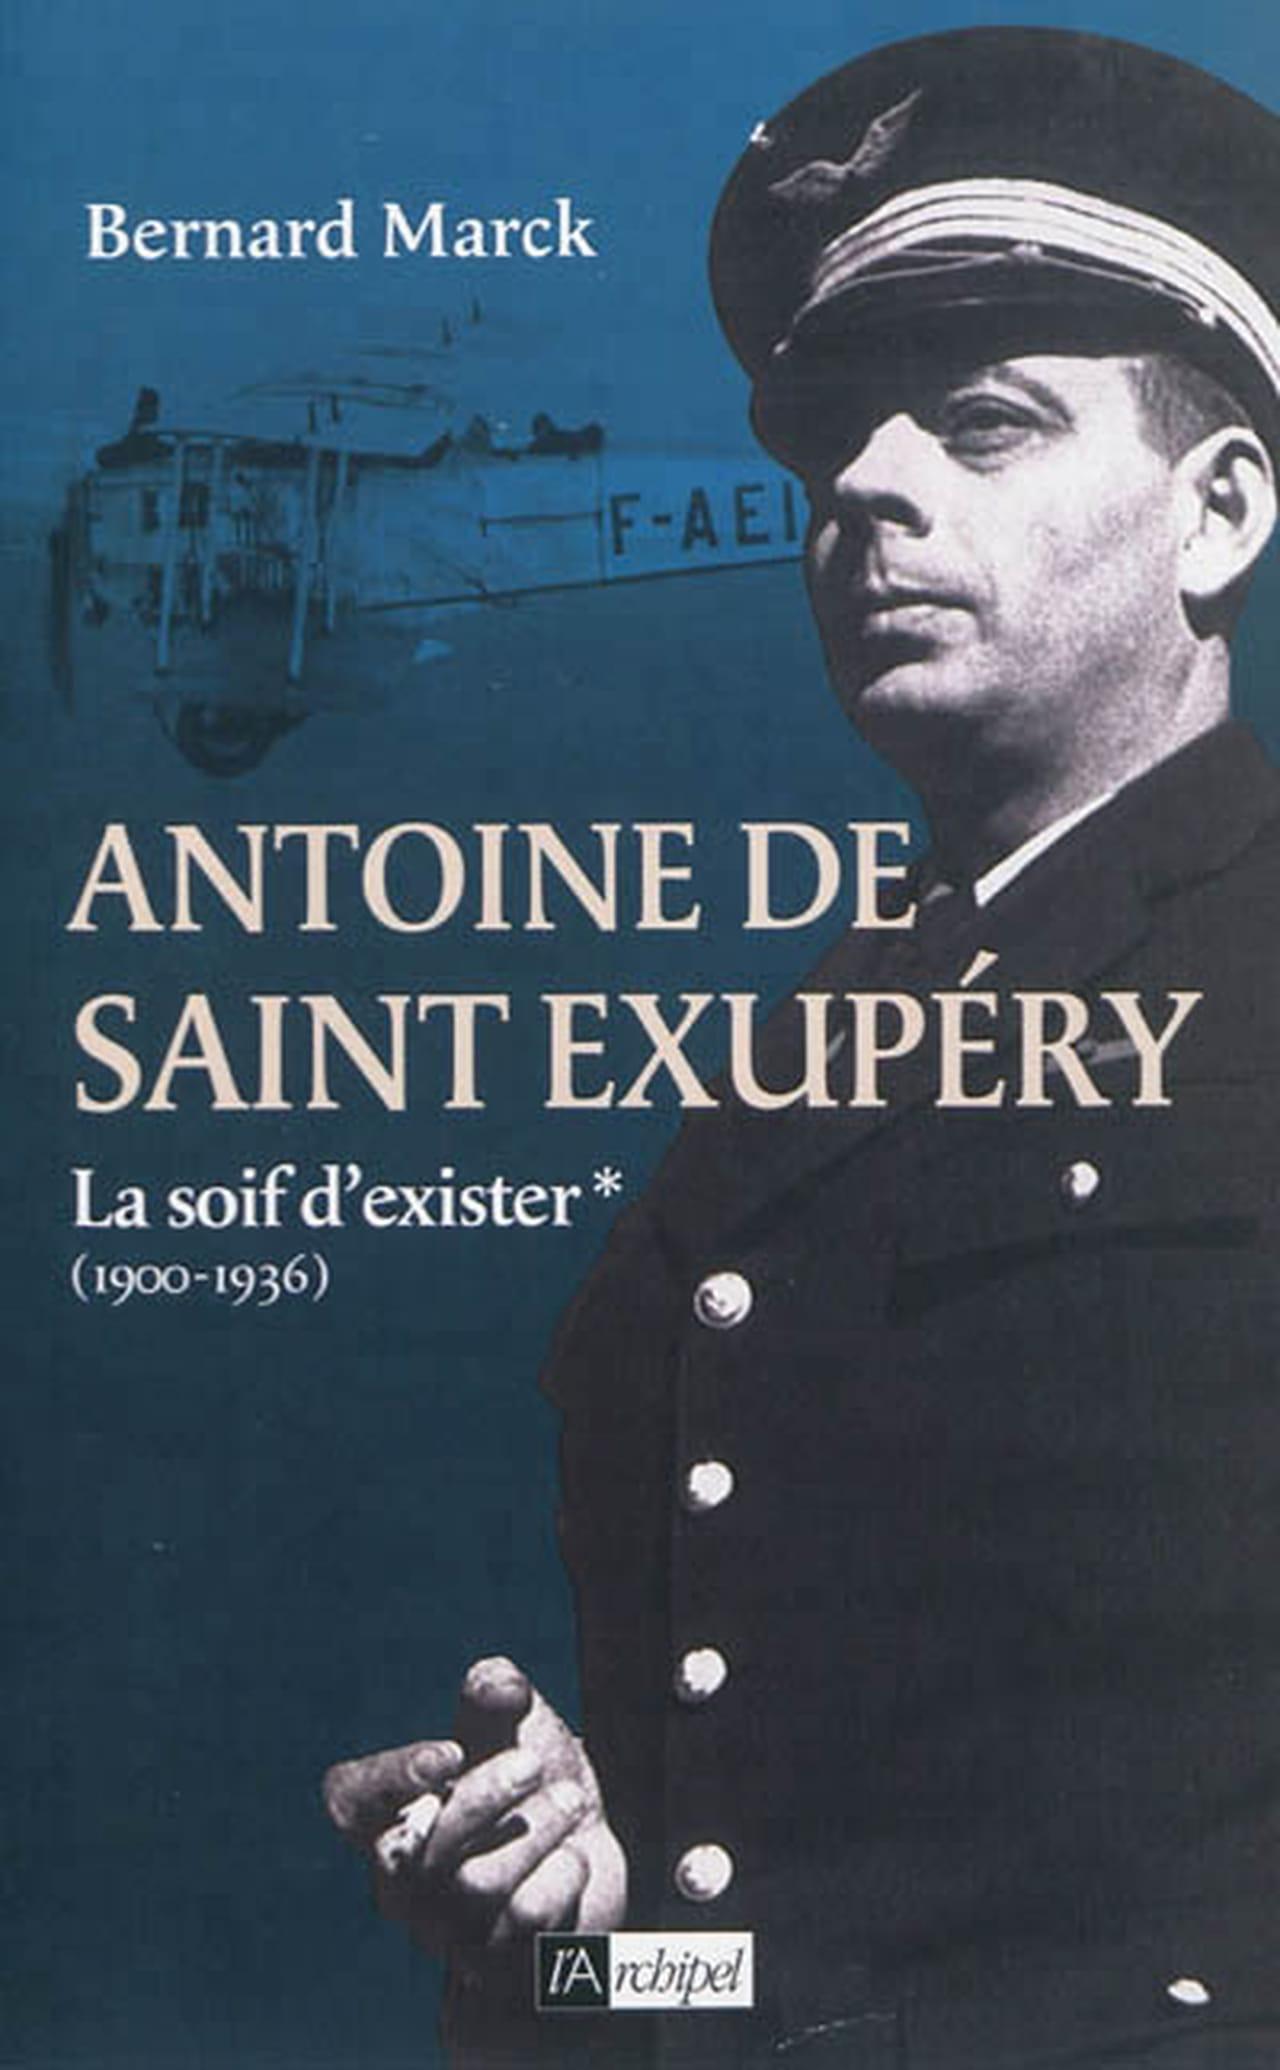 Bernard marck antoine de saint exup ry vie d un h ros for Salon saint exupery